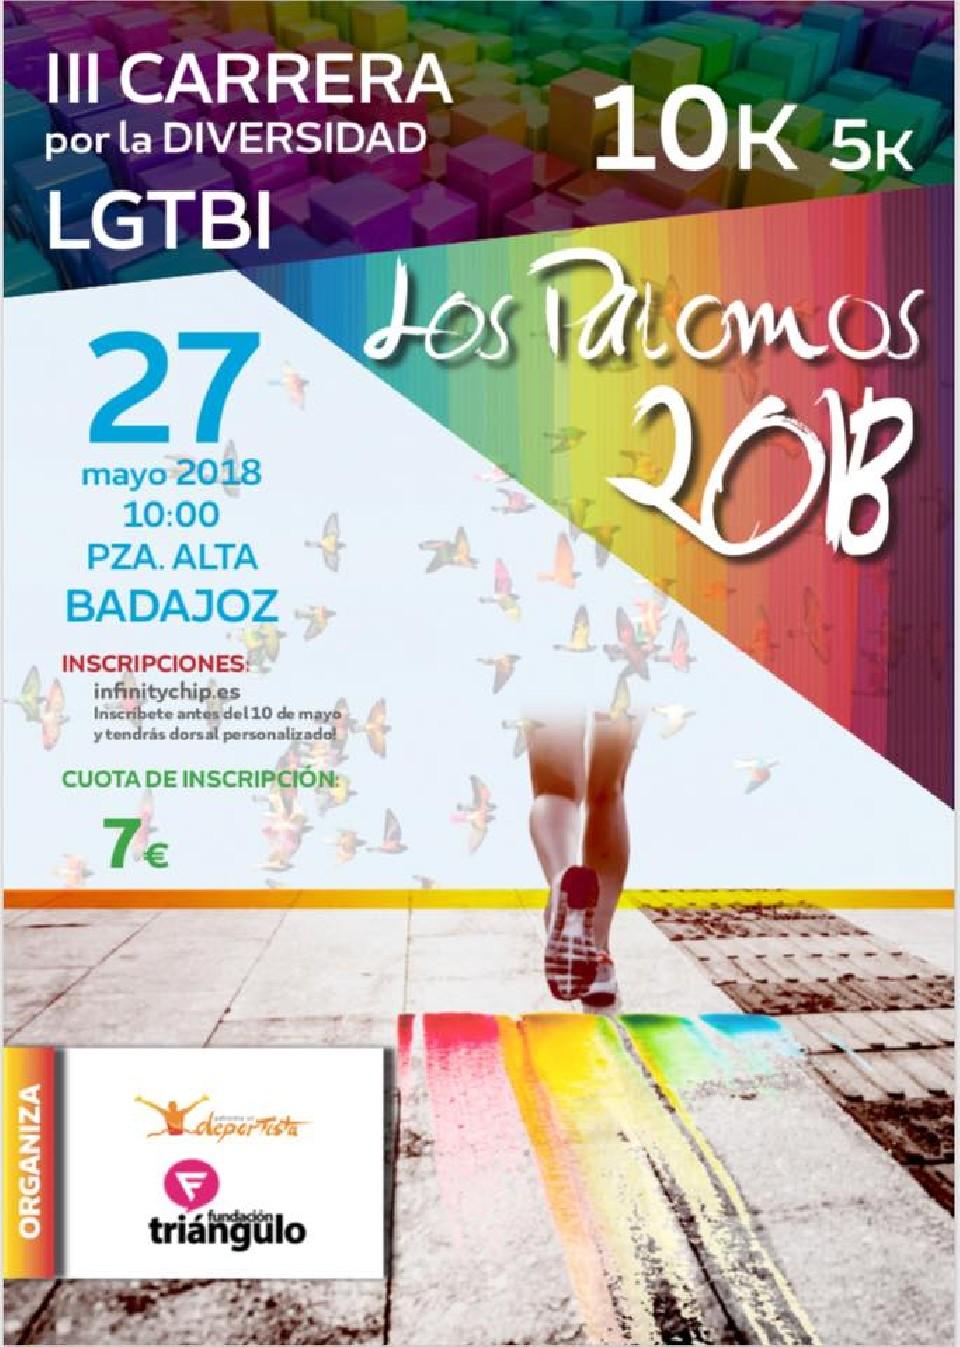 III Carrera por la Diversidad LGTBI · los Palomos 2018